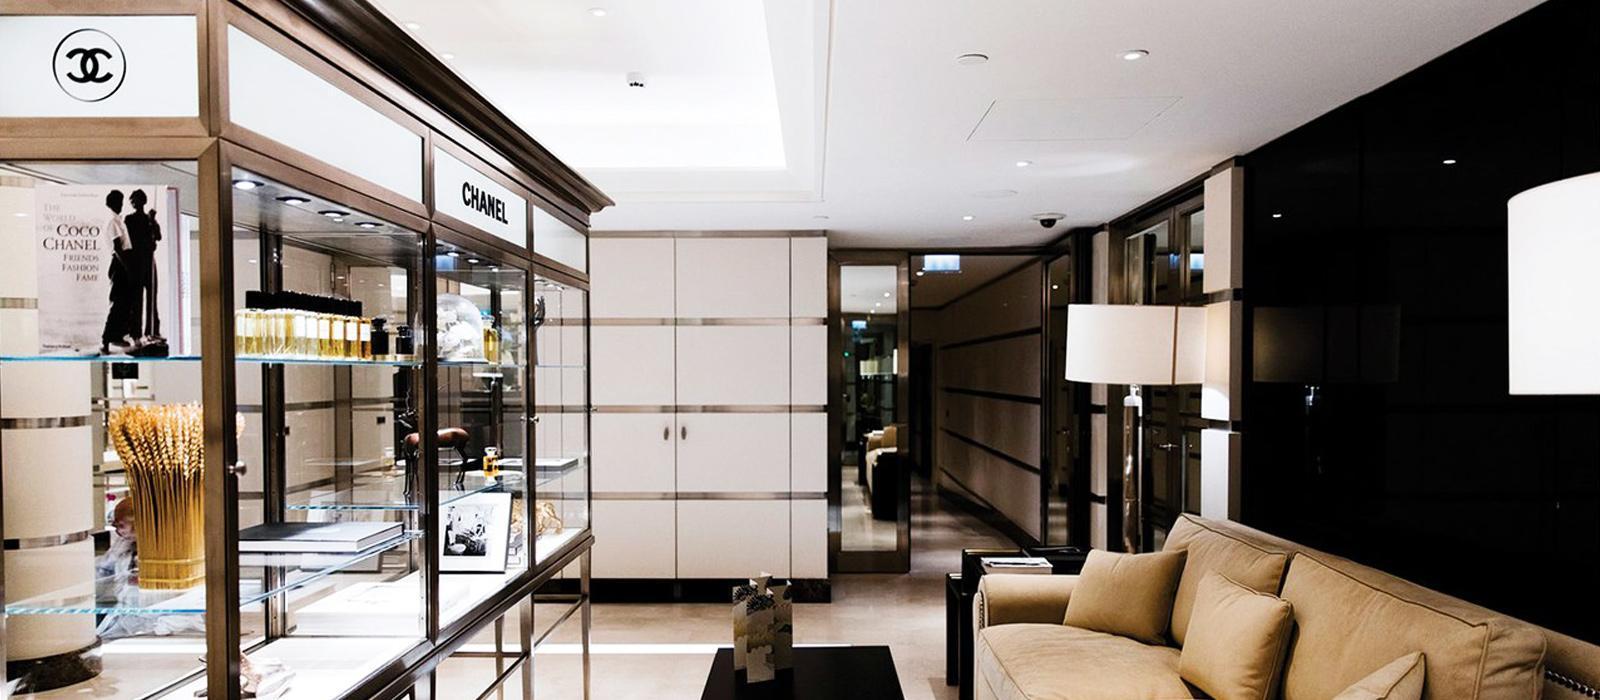 巴黎麗茲酒店(Ritz Paris)【 巴黎,法國】 酒店  www.yisecj.live